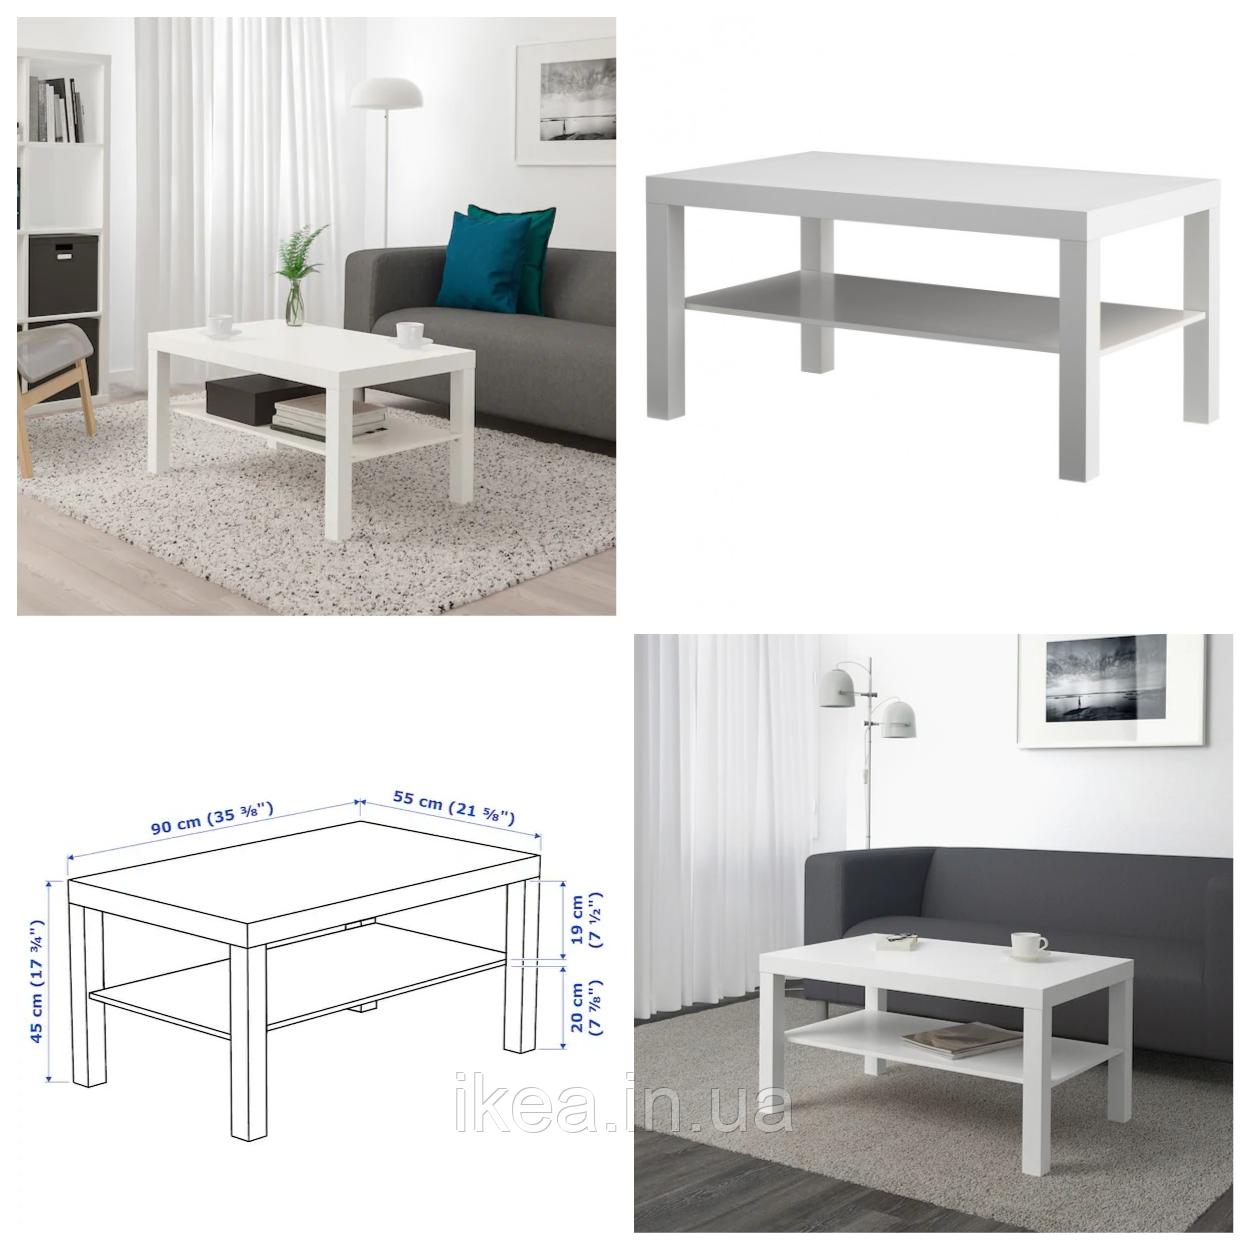 Журнальный столик IKEA LACK 90x55 см белый ИКЕА ЛАКК прямоугольный кофейный стол